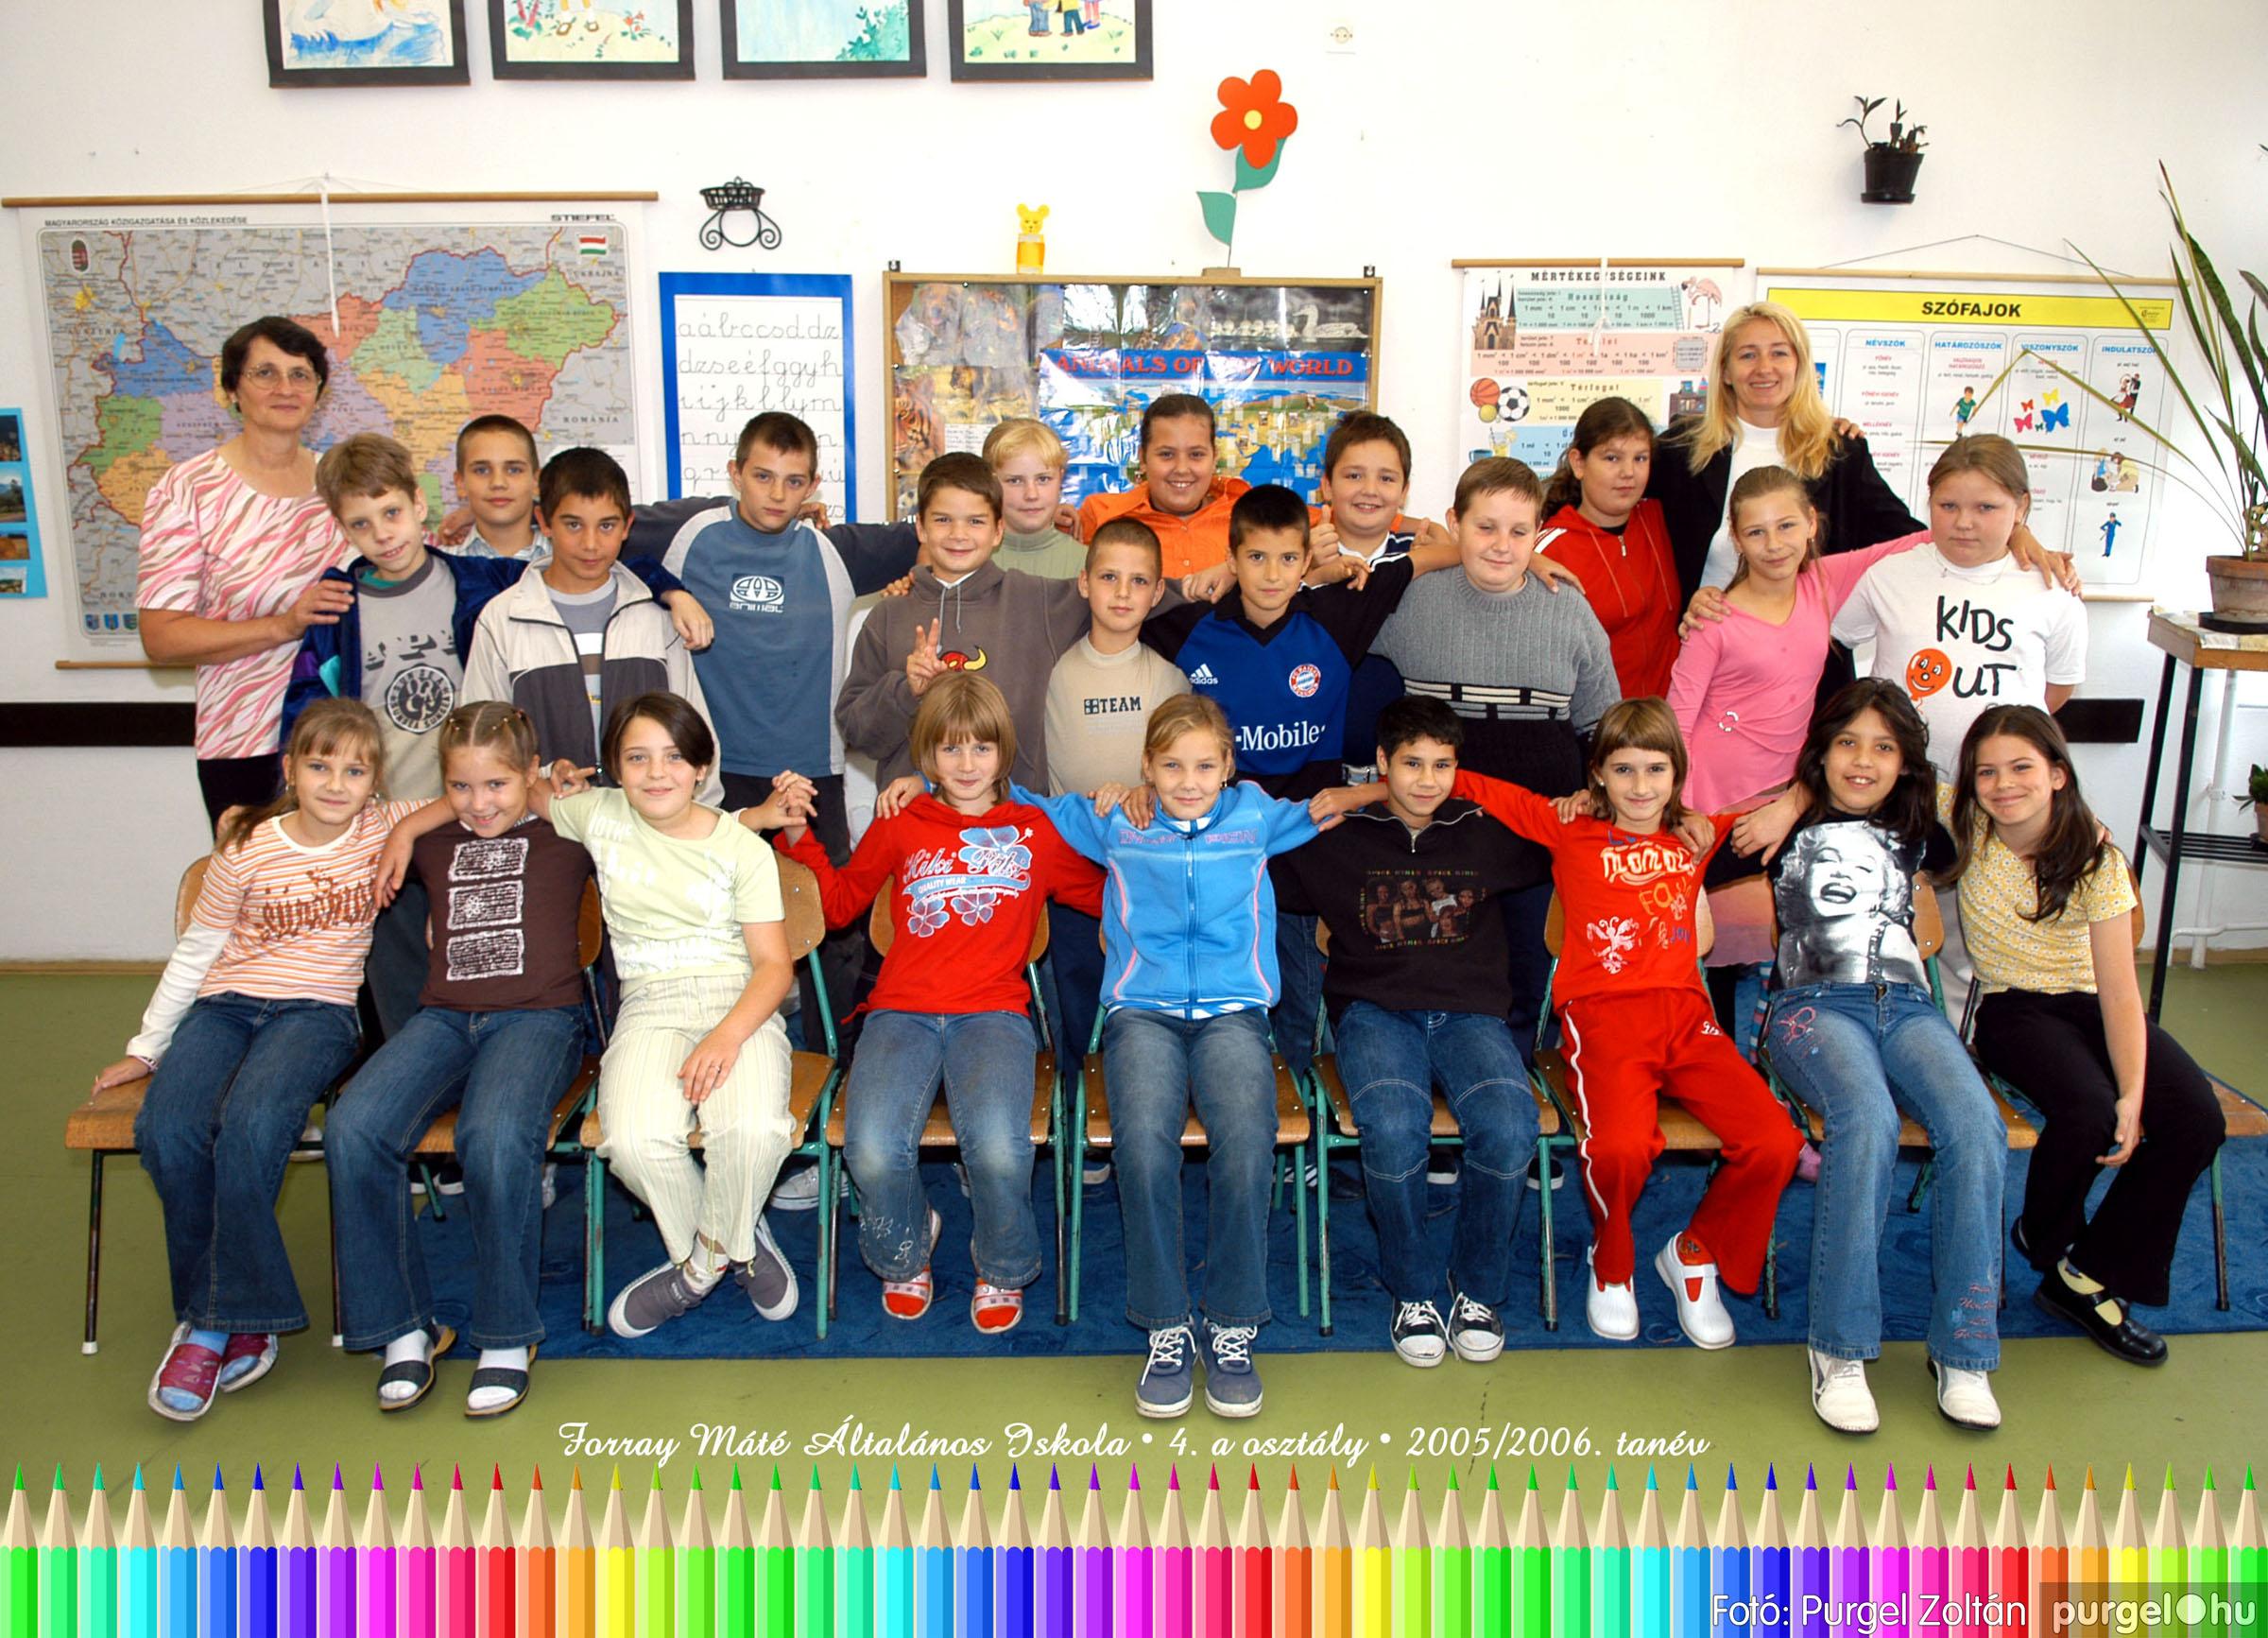 2005.09.21-10.06. 012 Forray Máté Általános Iskola osztályképek 2005. - Fotók:PURGEL ZOLTÁN© 4avidam.jpg